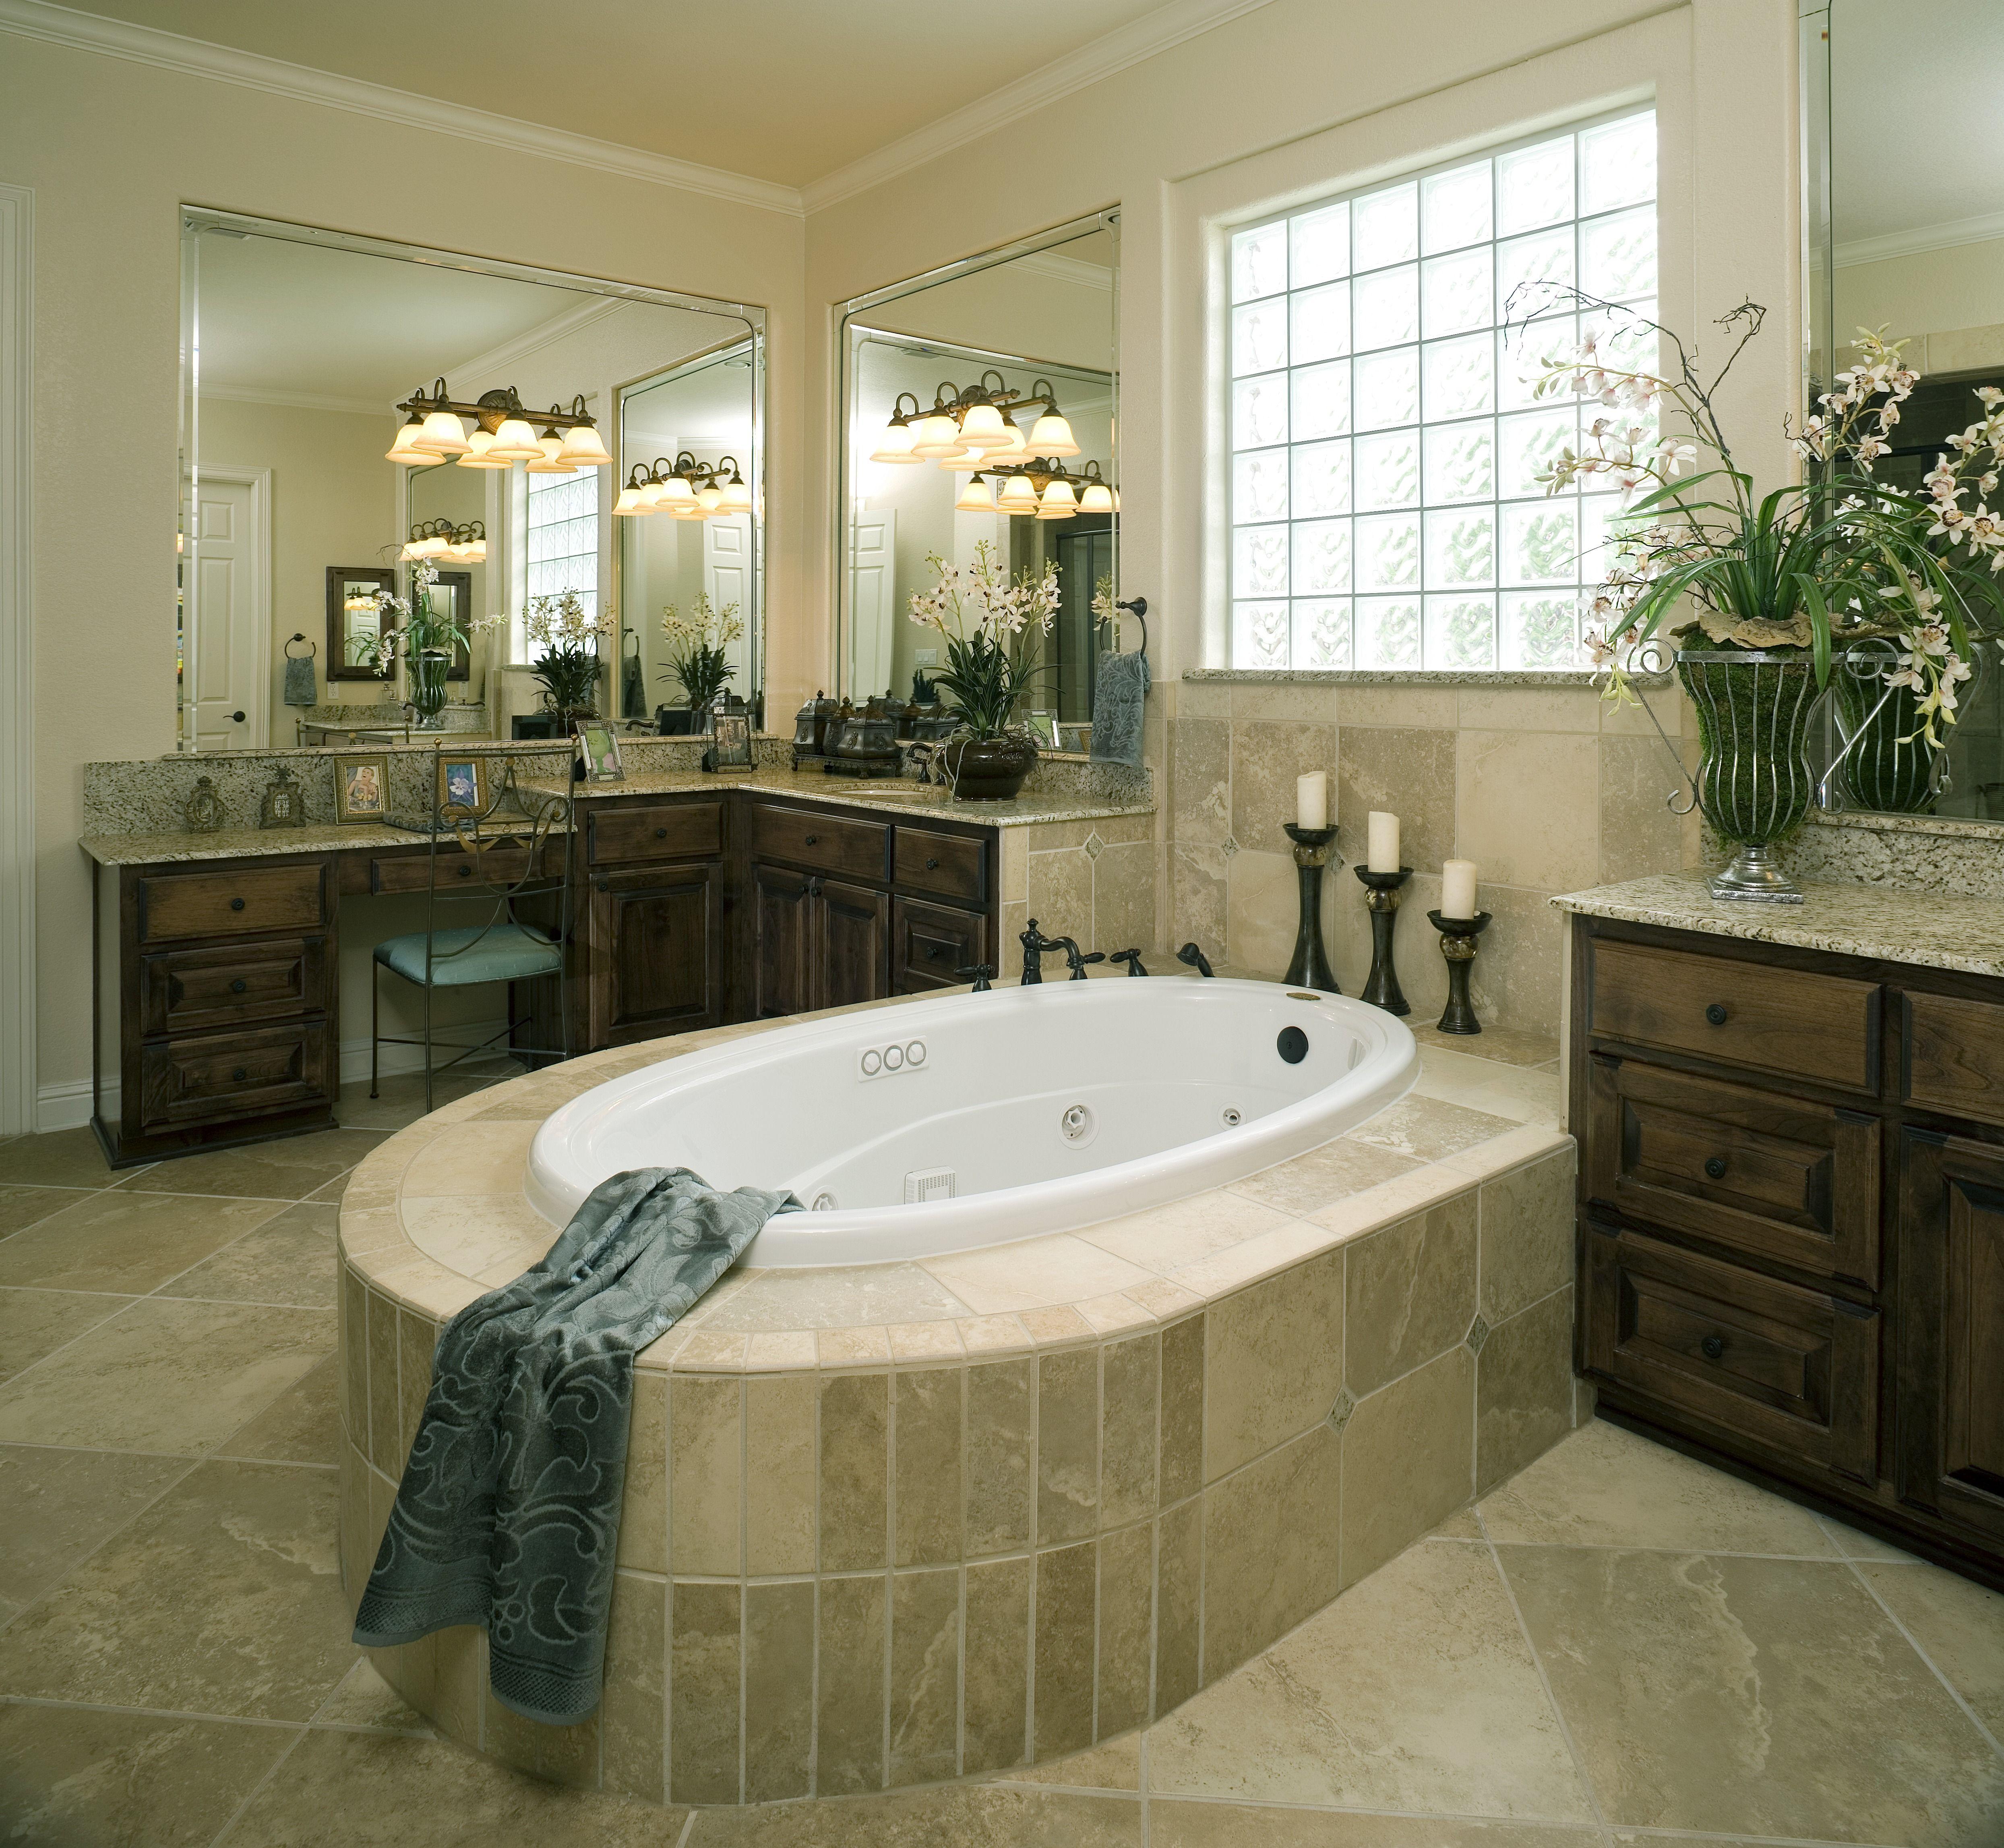 3 diy bathroom remodel ideas that make a difference on bathroom renovation ideas diy id=70009